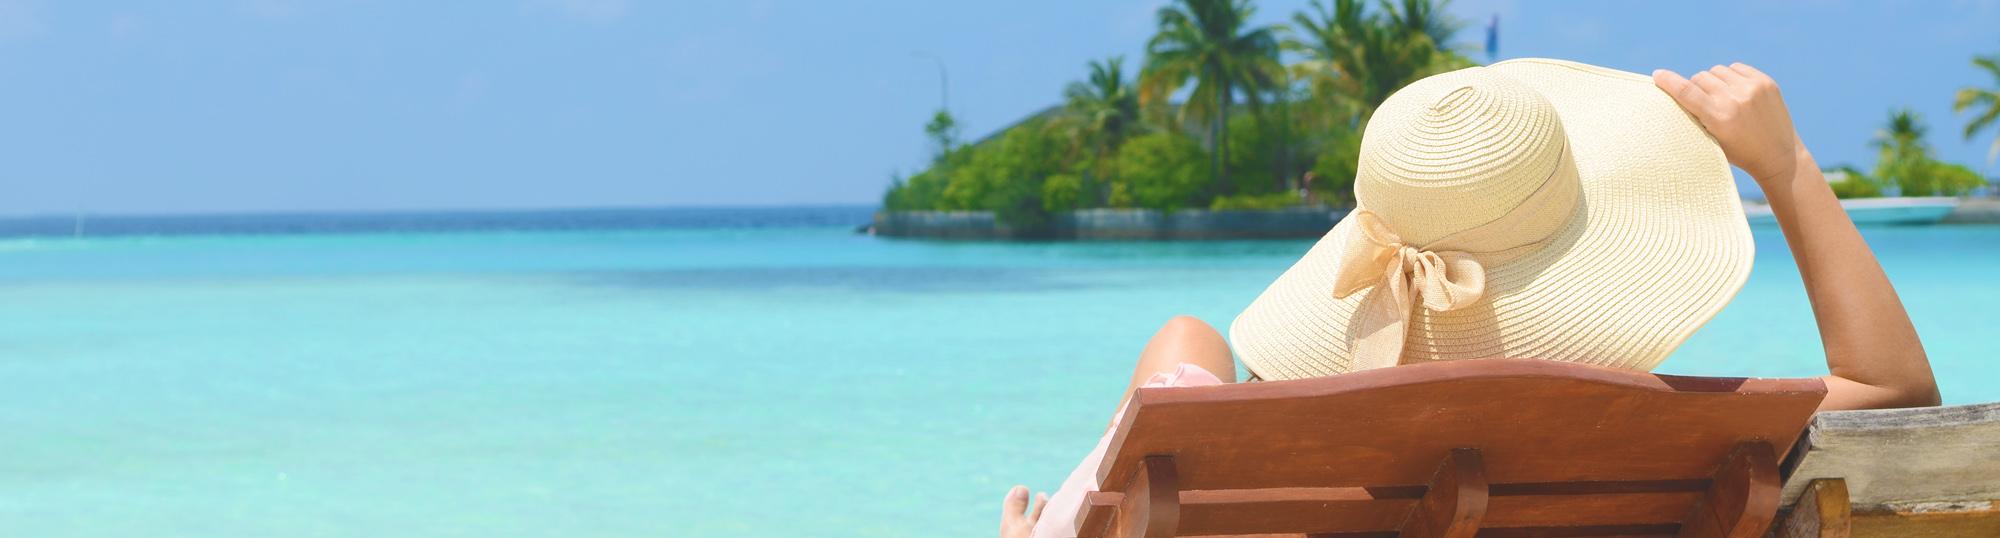 ofertas maldivas viajes